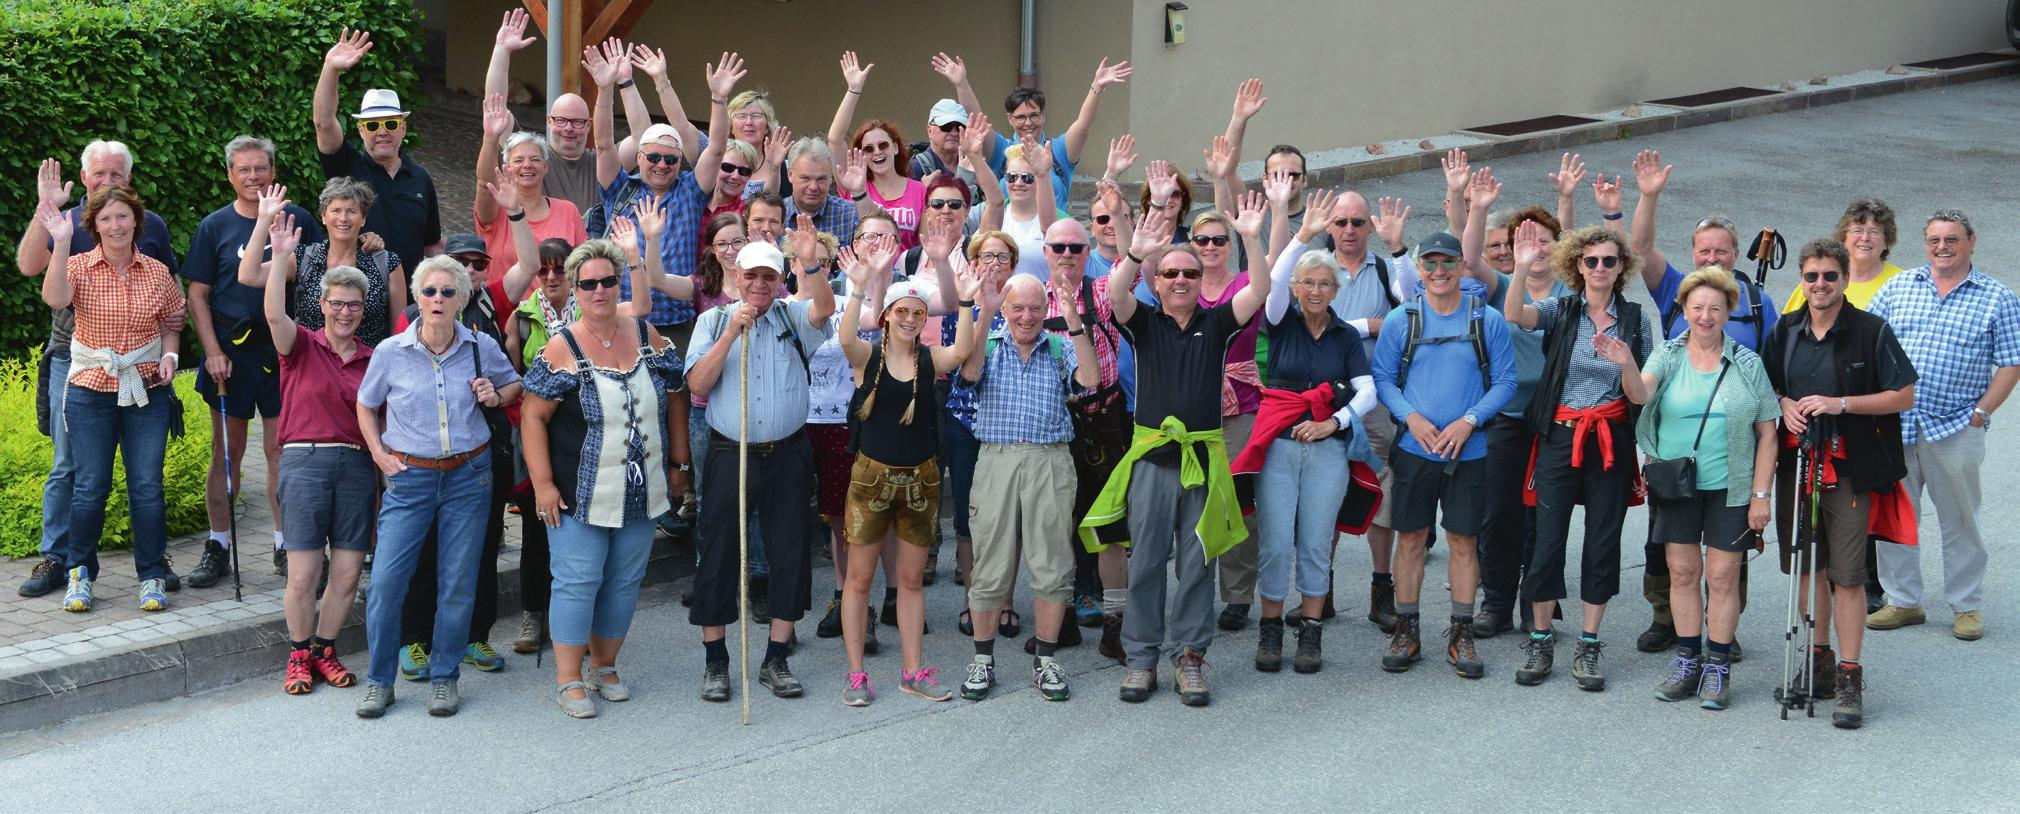 Die Jubiläumsgäste und das Team feierten am Donnerstag außer Haus: Sie machten sich auf den Weg zur Siller Alm. © DER GREIL**** Wein & Gourmethotel | Markus Kaltenböck (8)